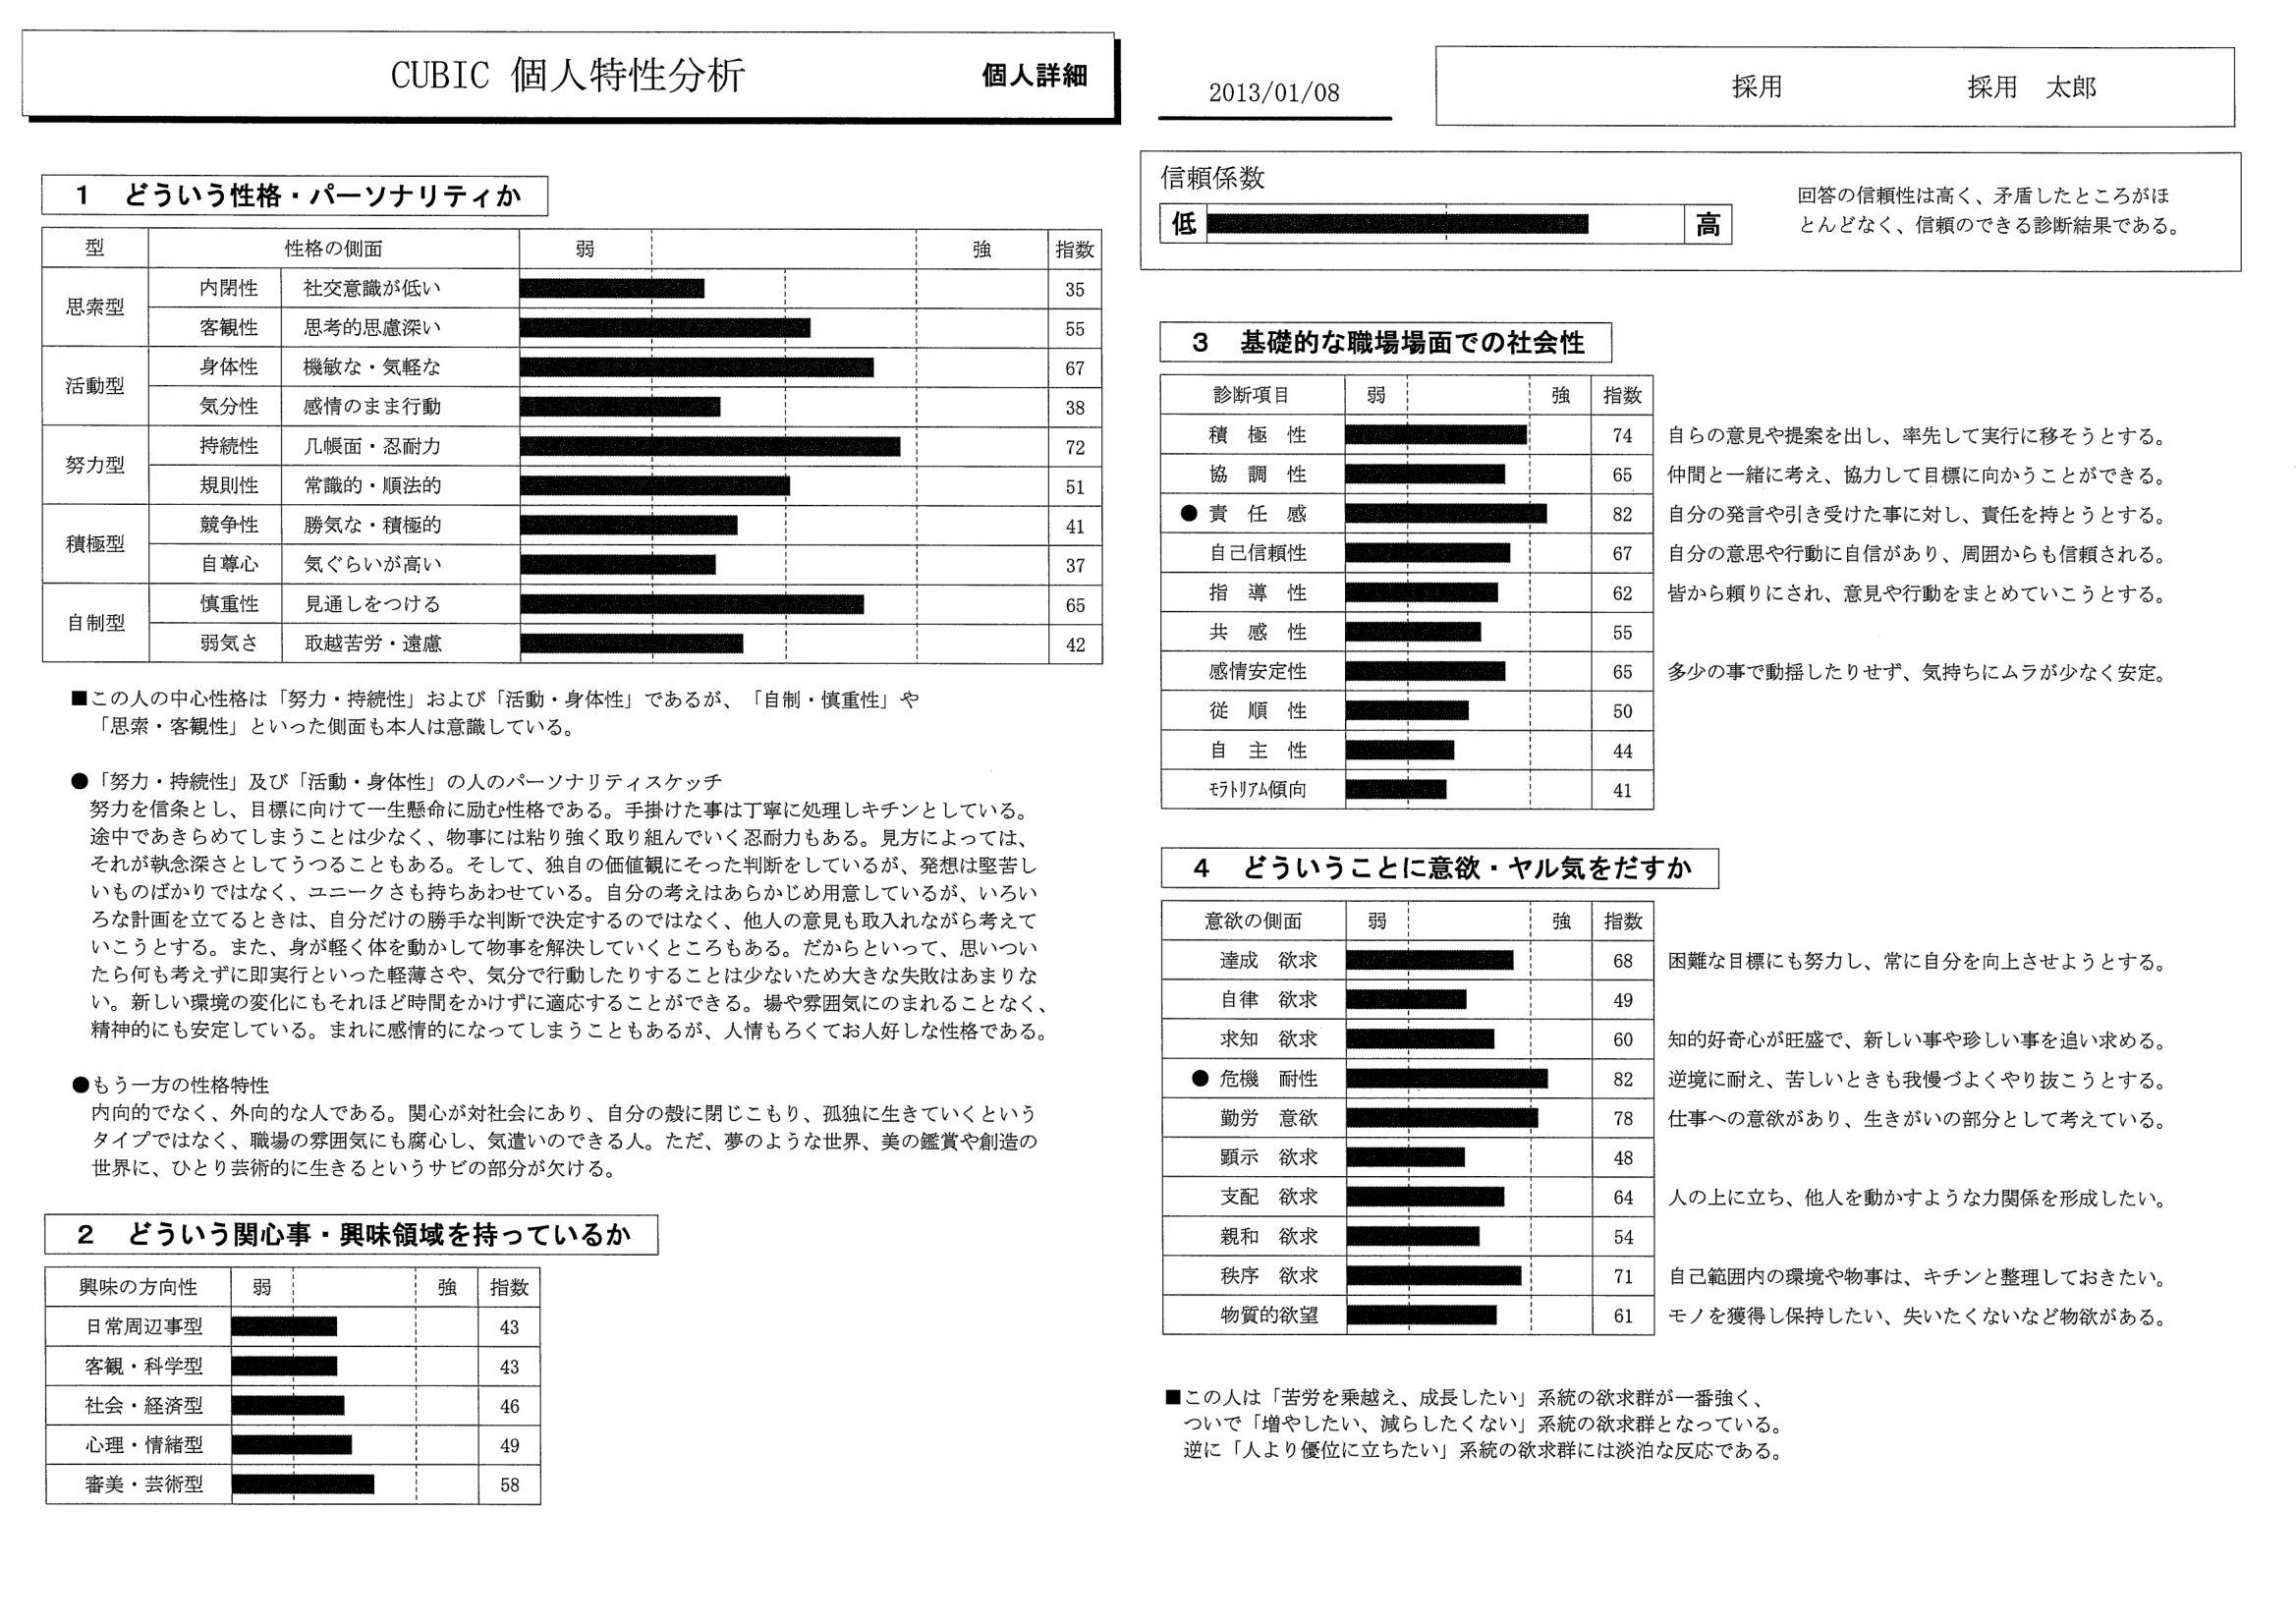 レポートサンプル01